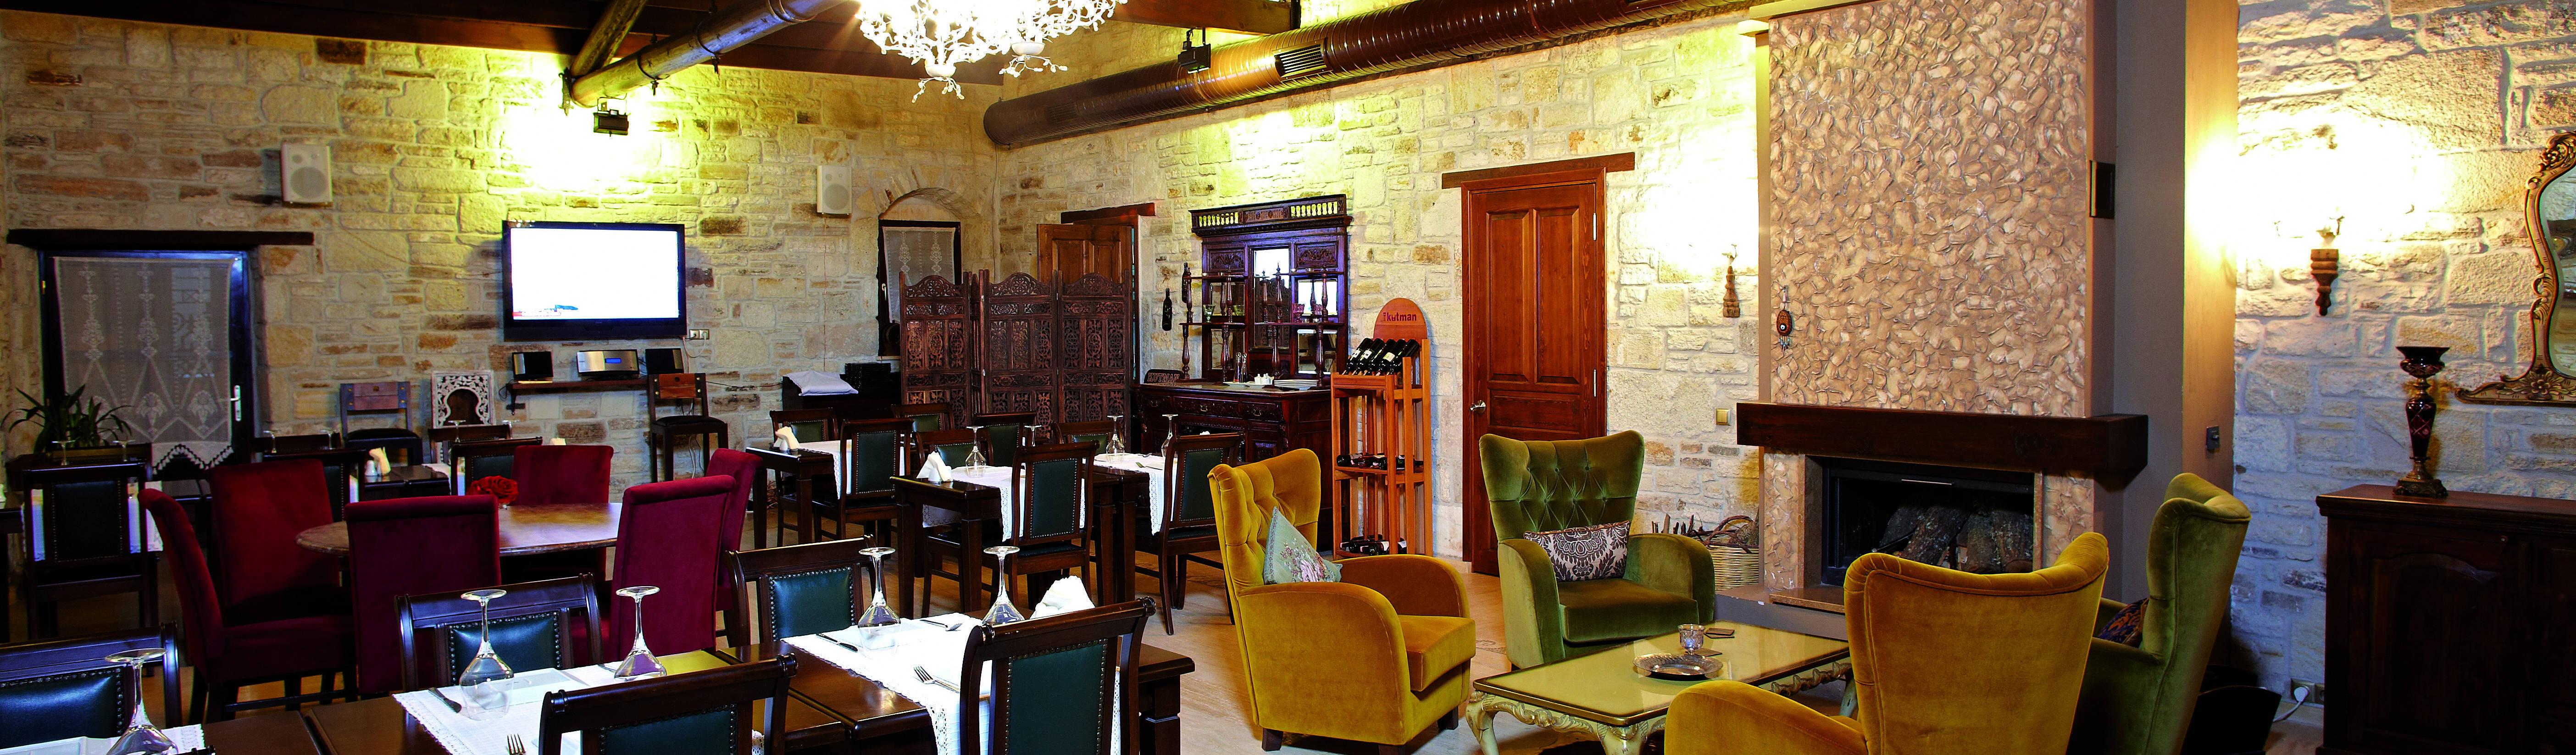 Griffon Boutique Hotel